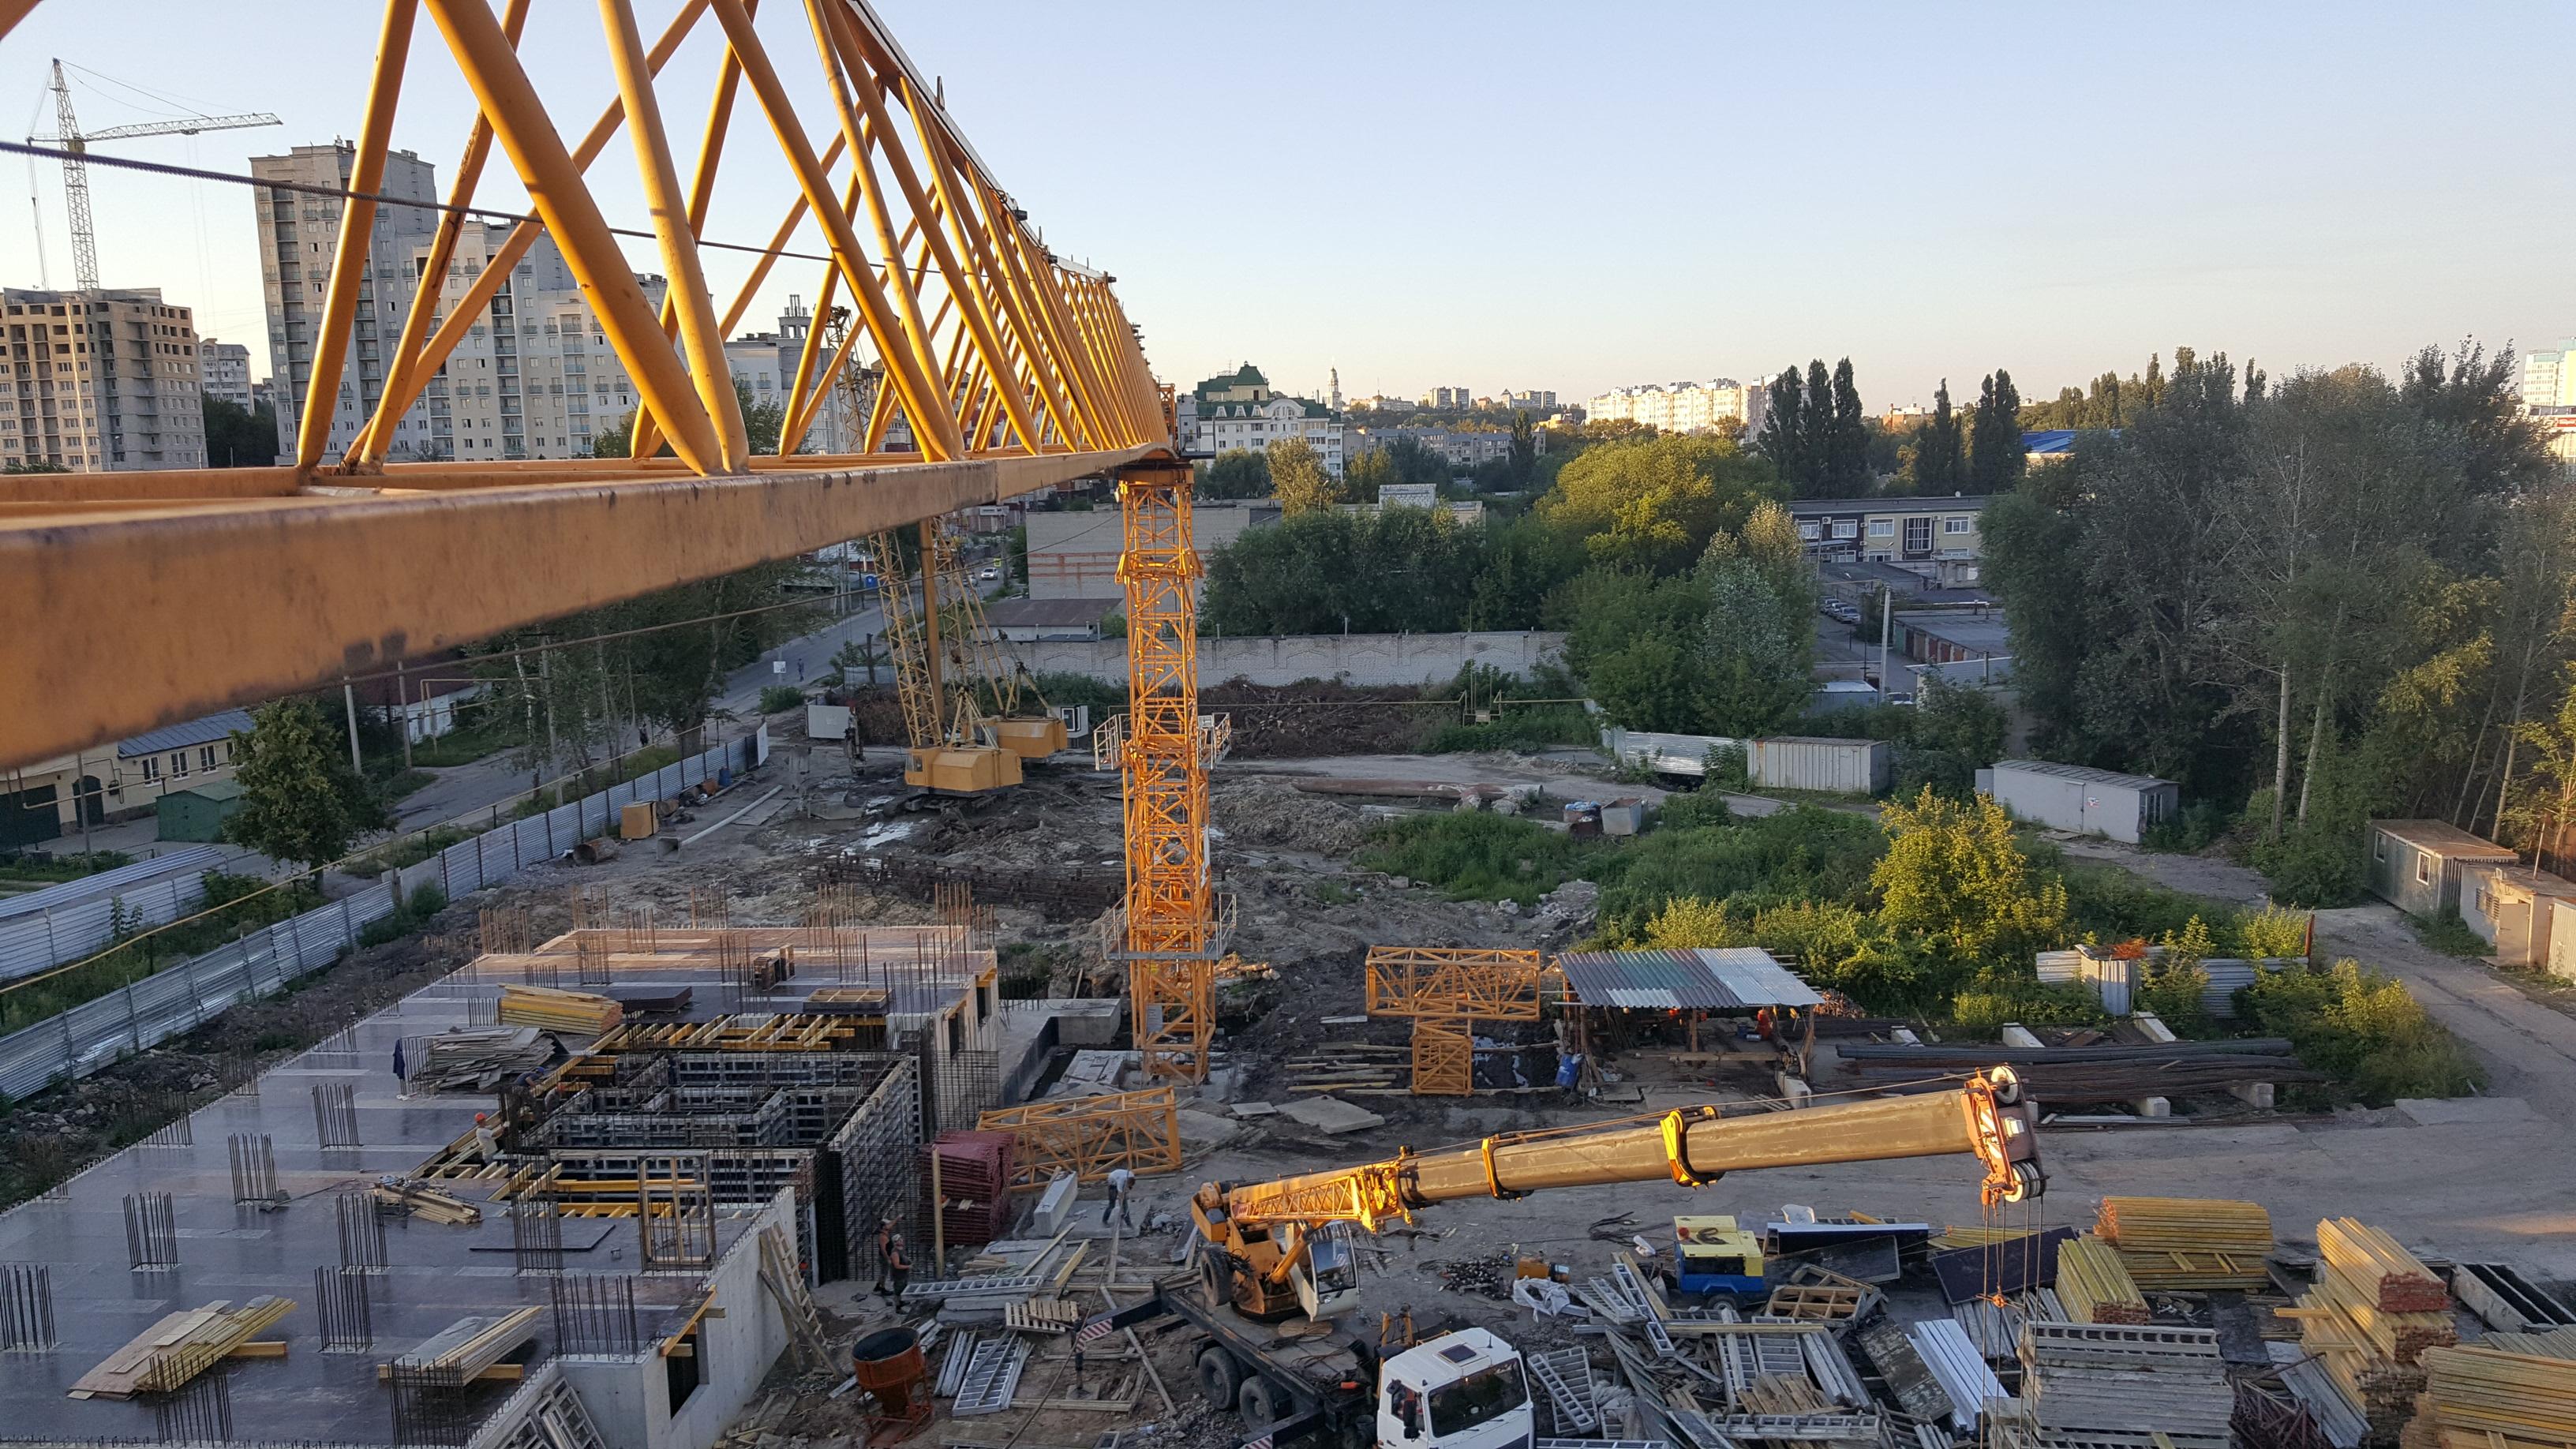 Липецк строительство жилого массива 21 этаж Liebherr 130 EC-B